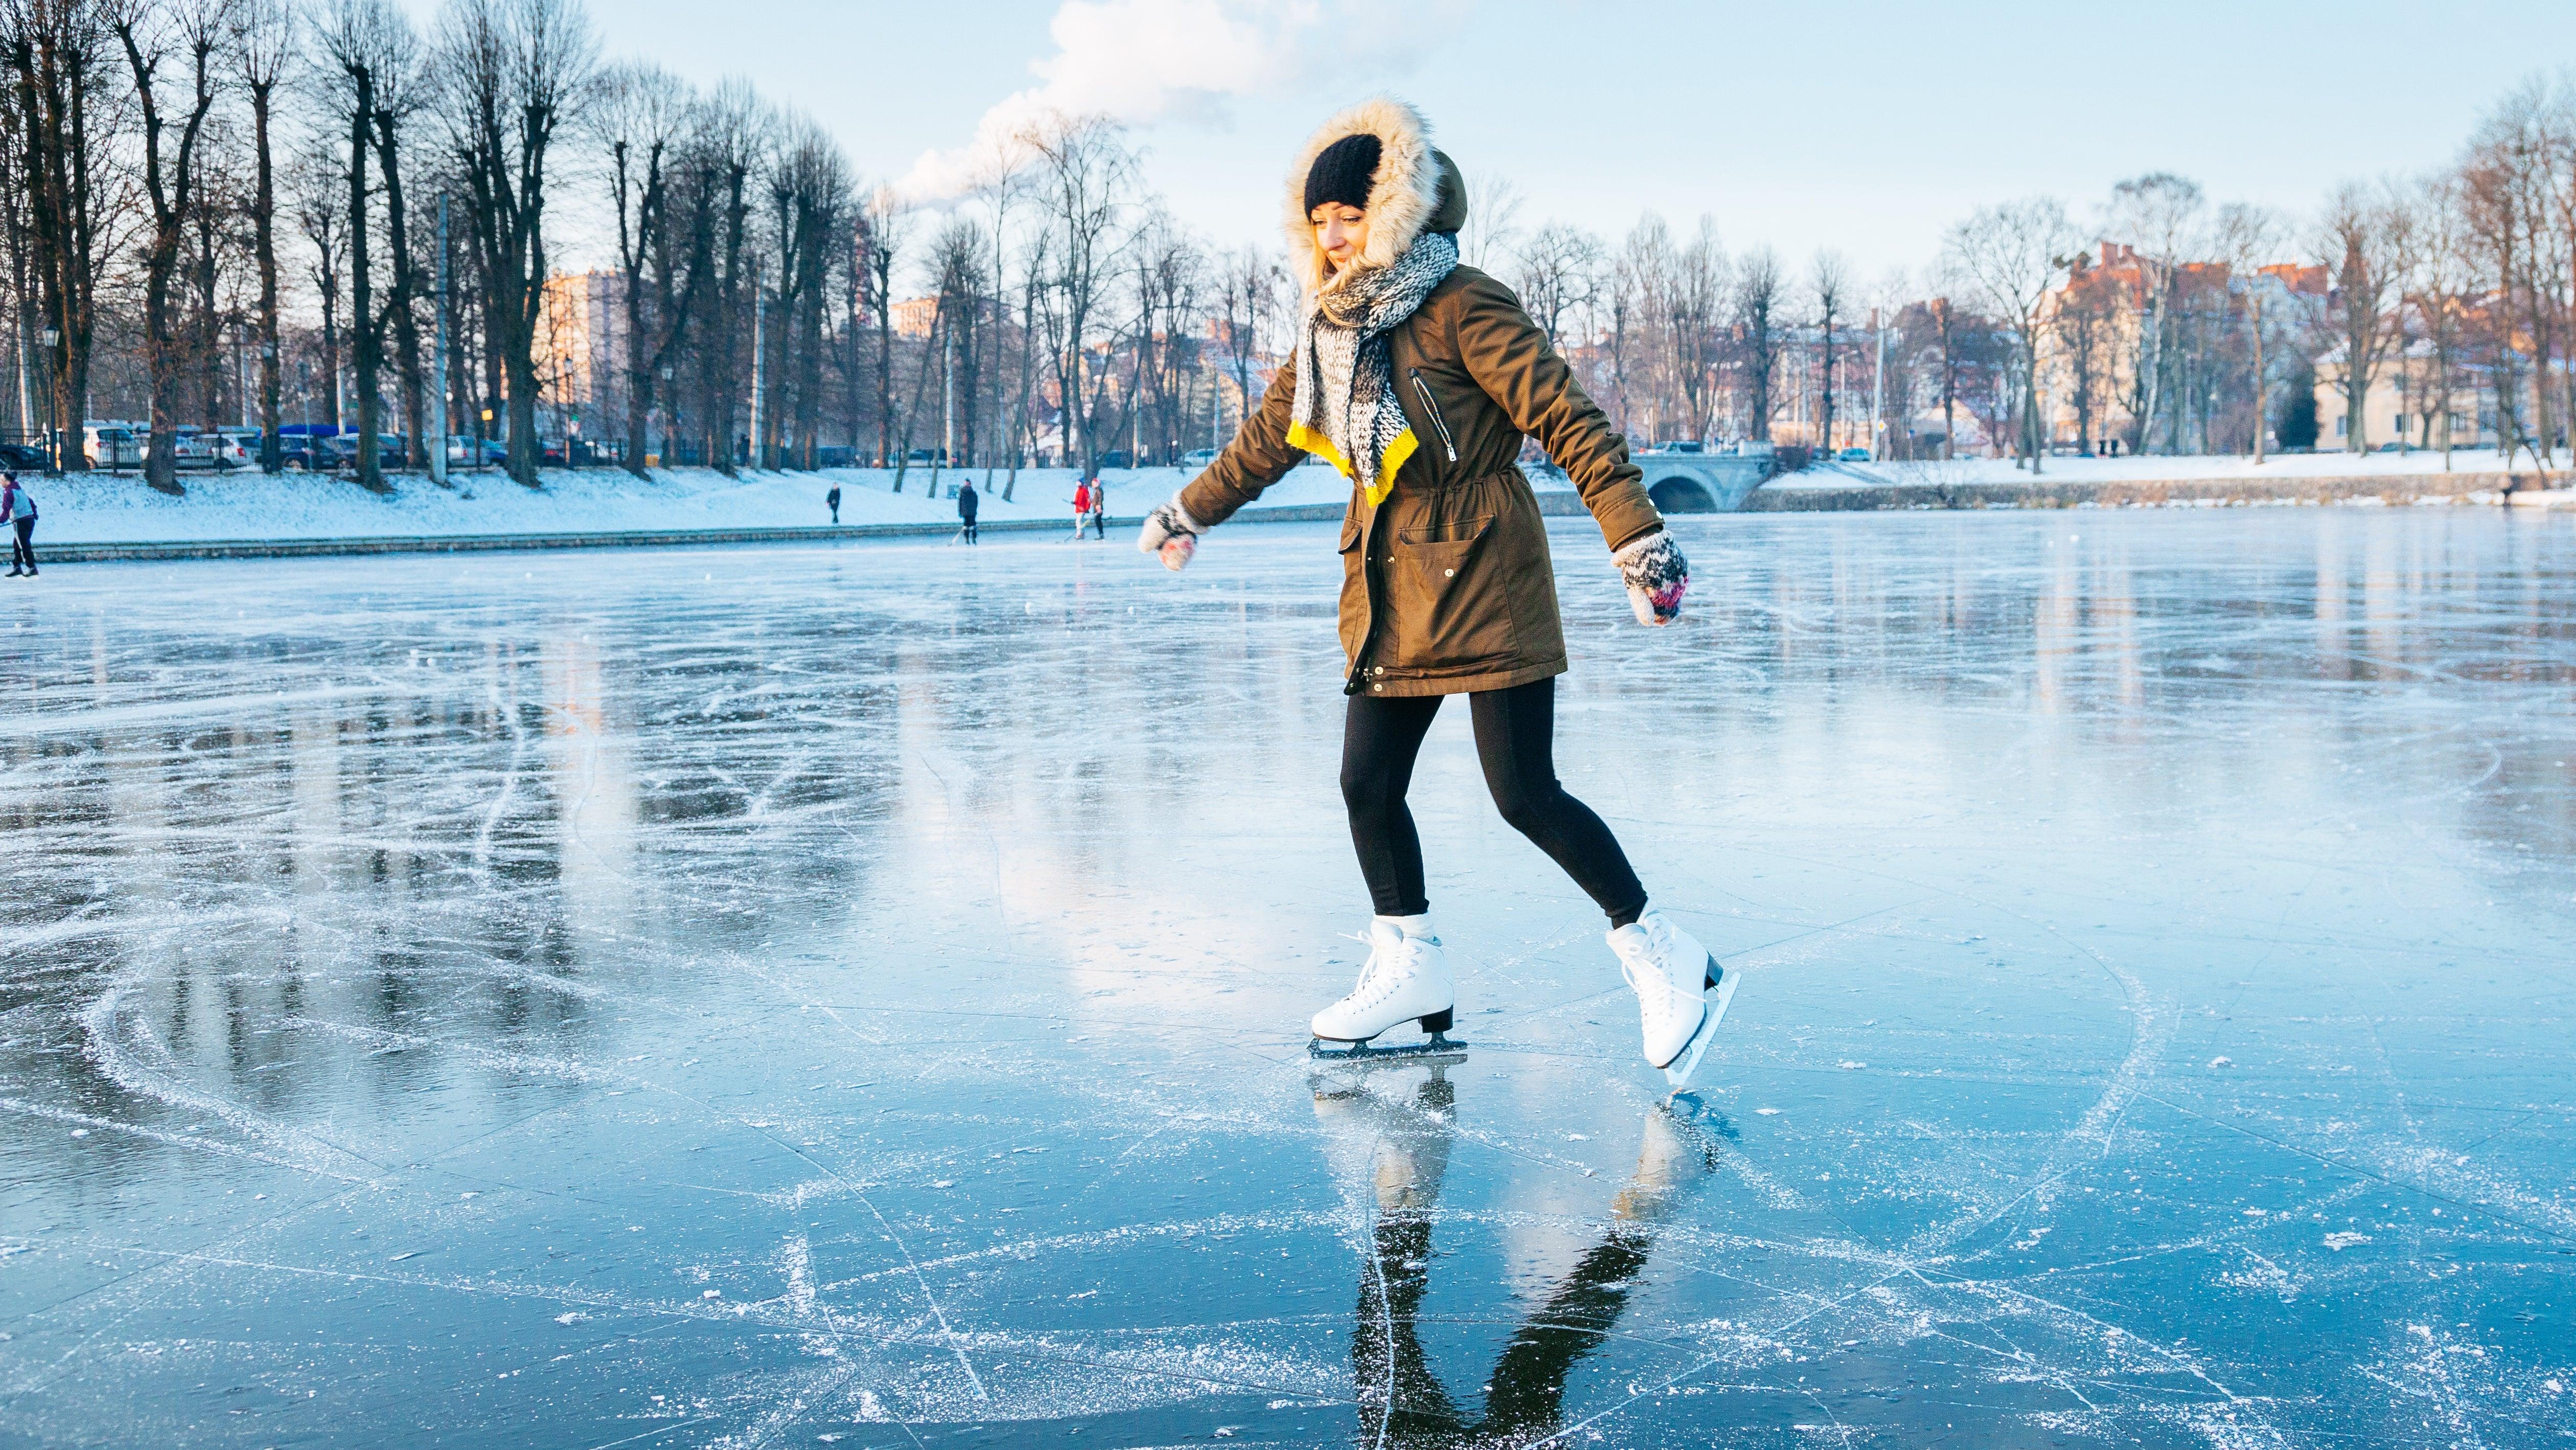 Je kälter, desto rutschiger - Forscher nehmen Eis unter die Lupe